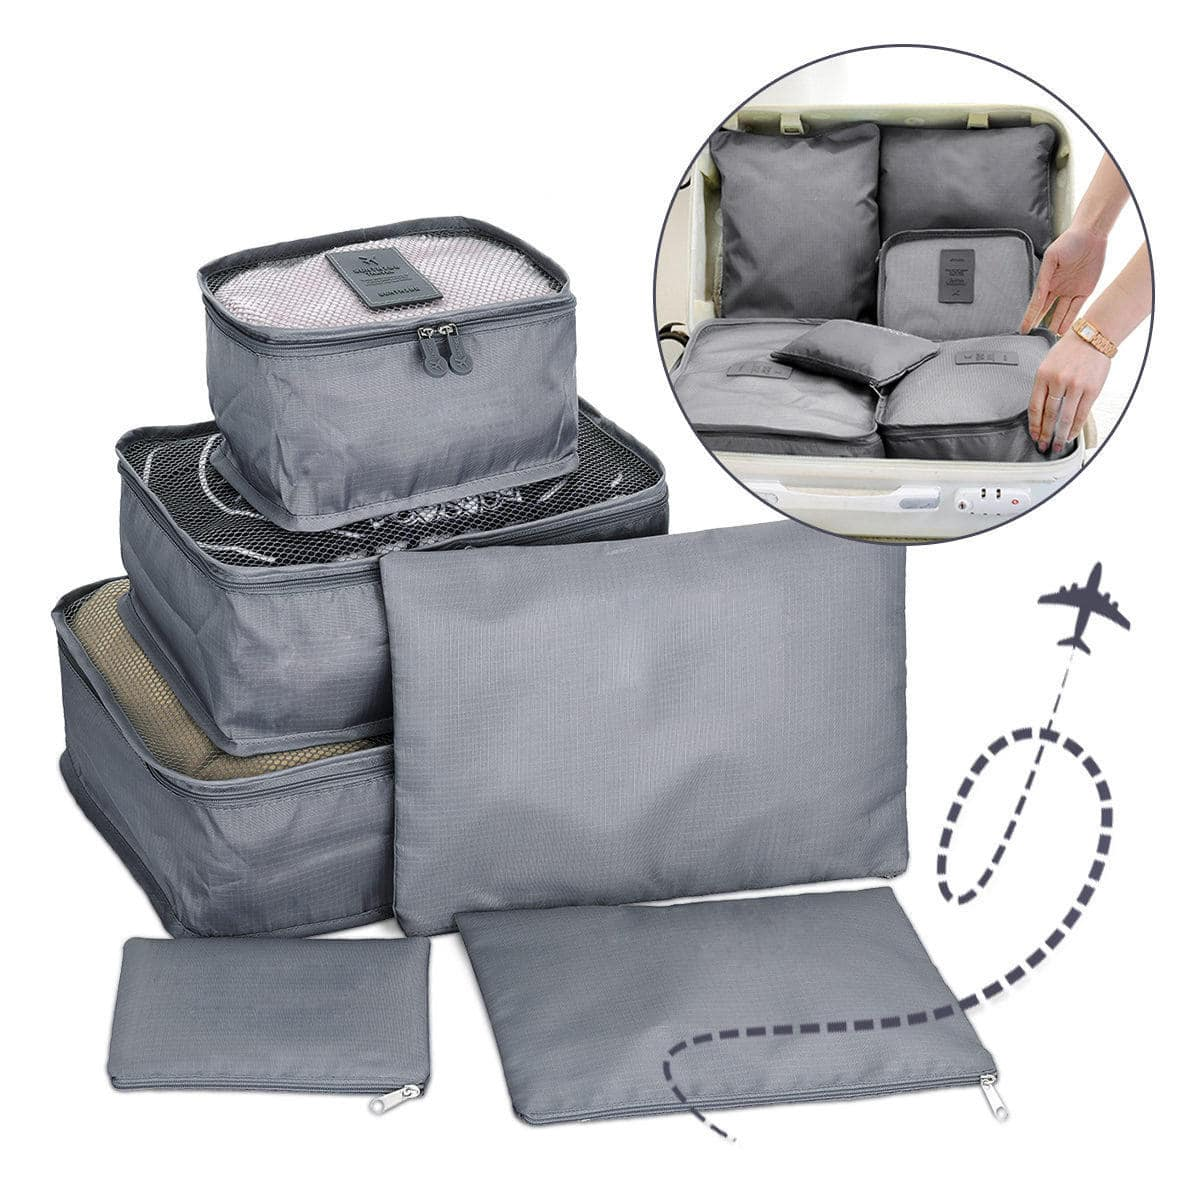 סט תיקי אחסון לסידור מזוודה - Travel Fix